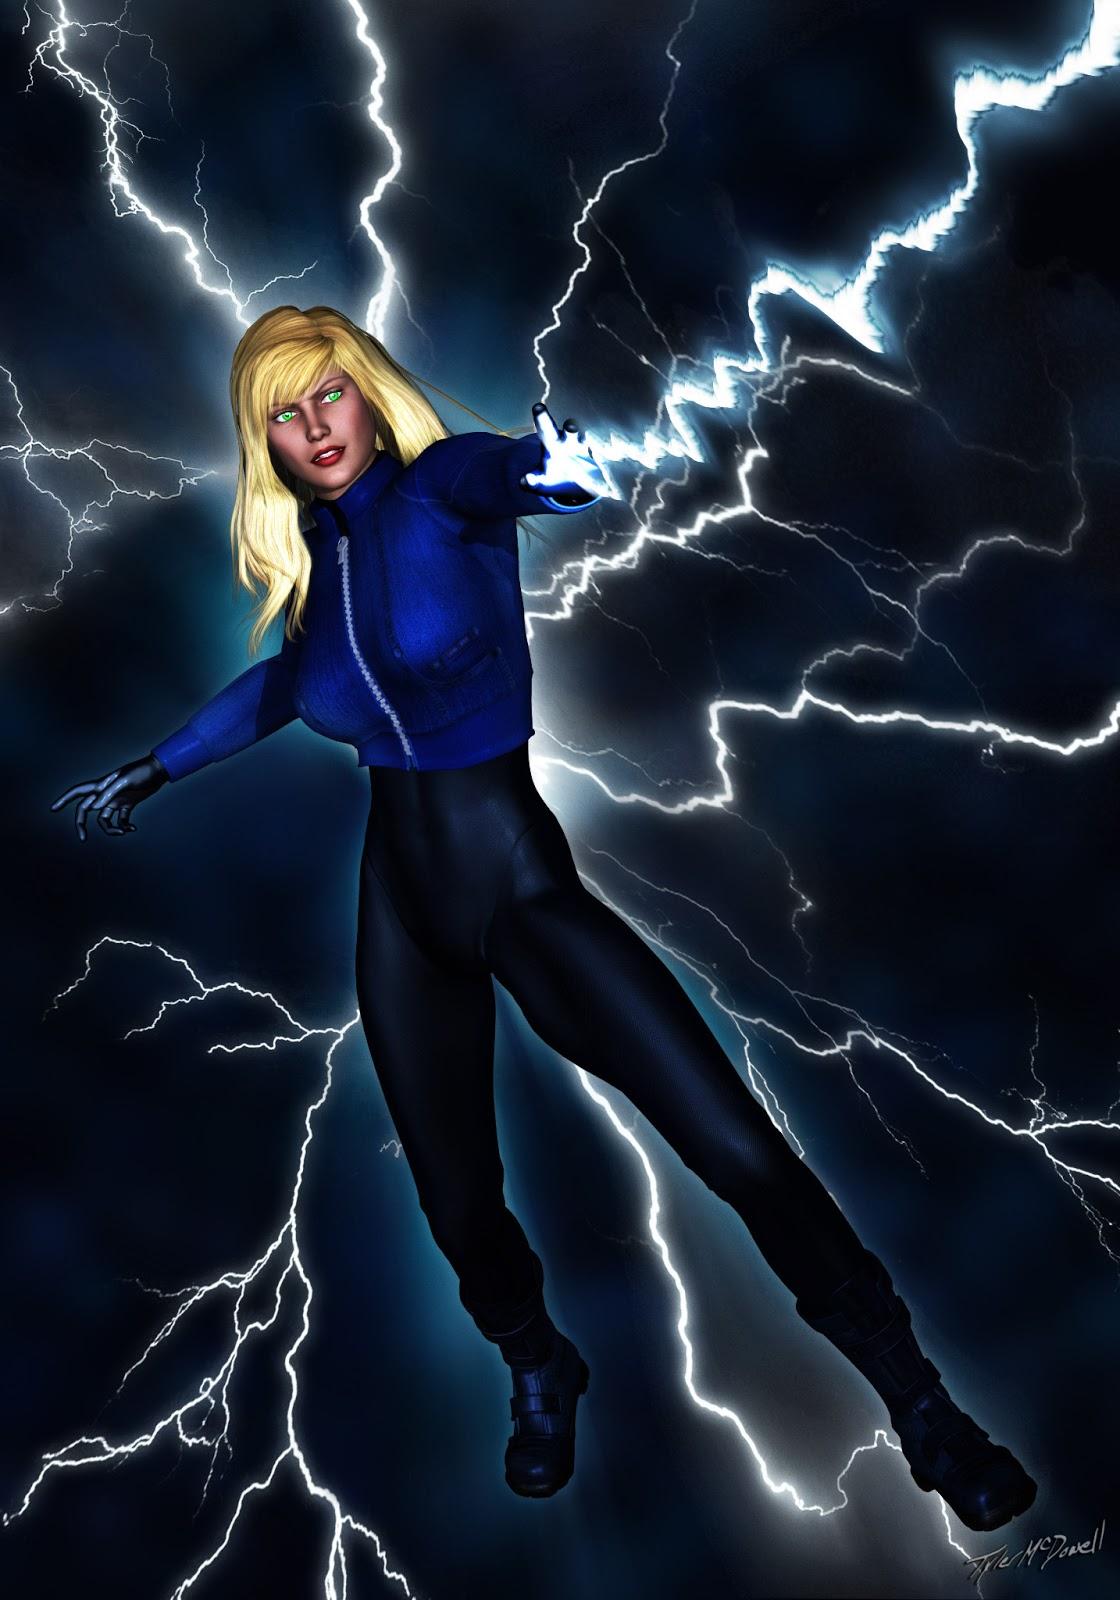 Lightening Girl in Arrogance, chapter 3 - Superheroine Blog